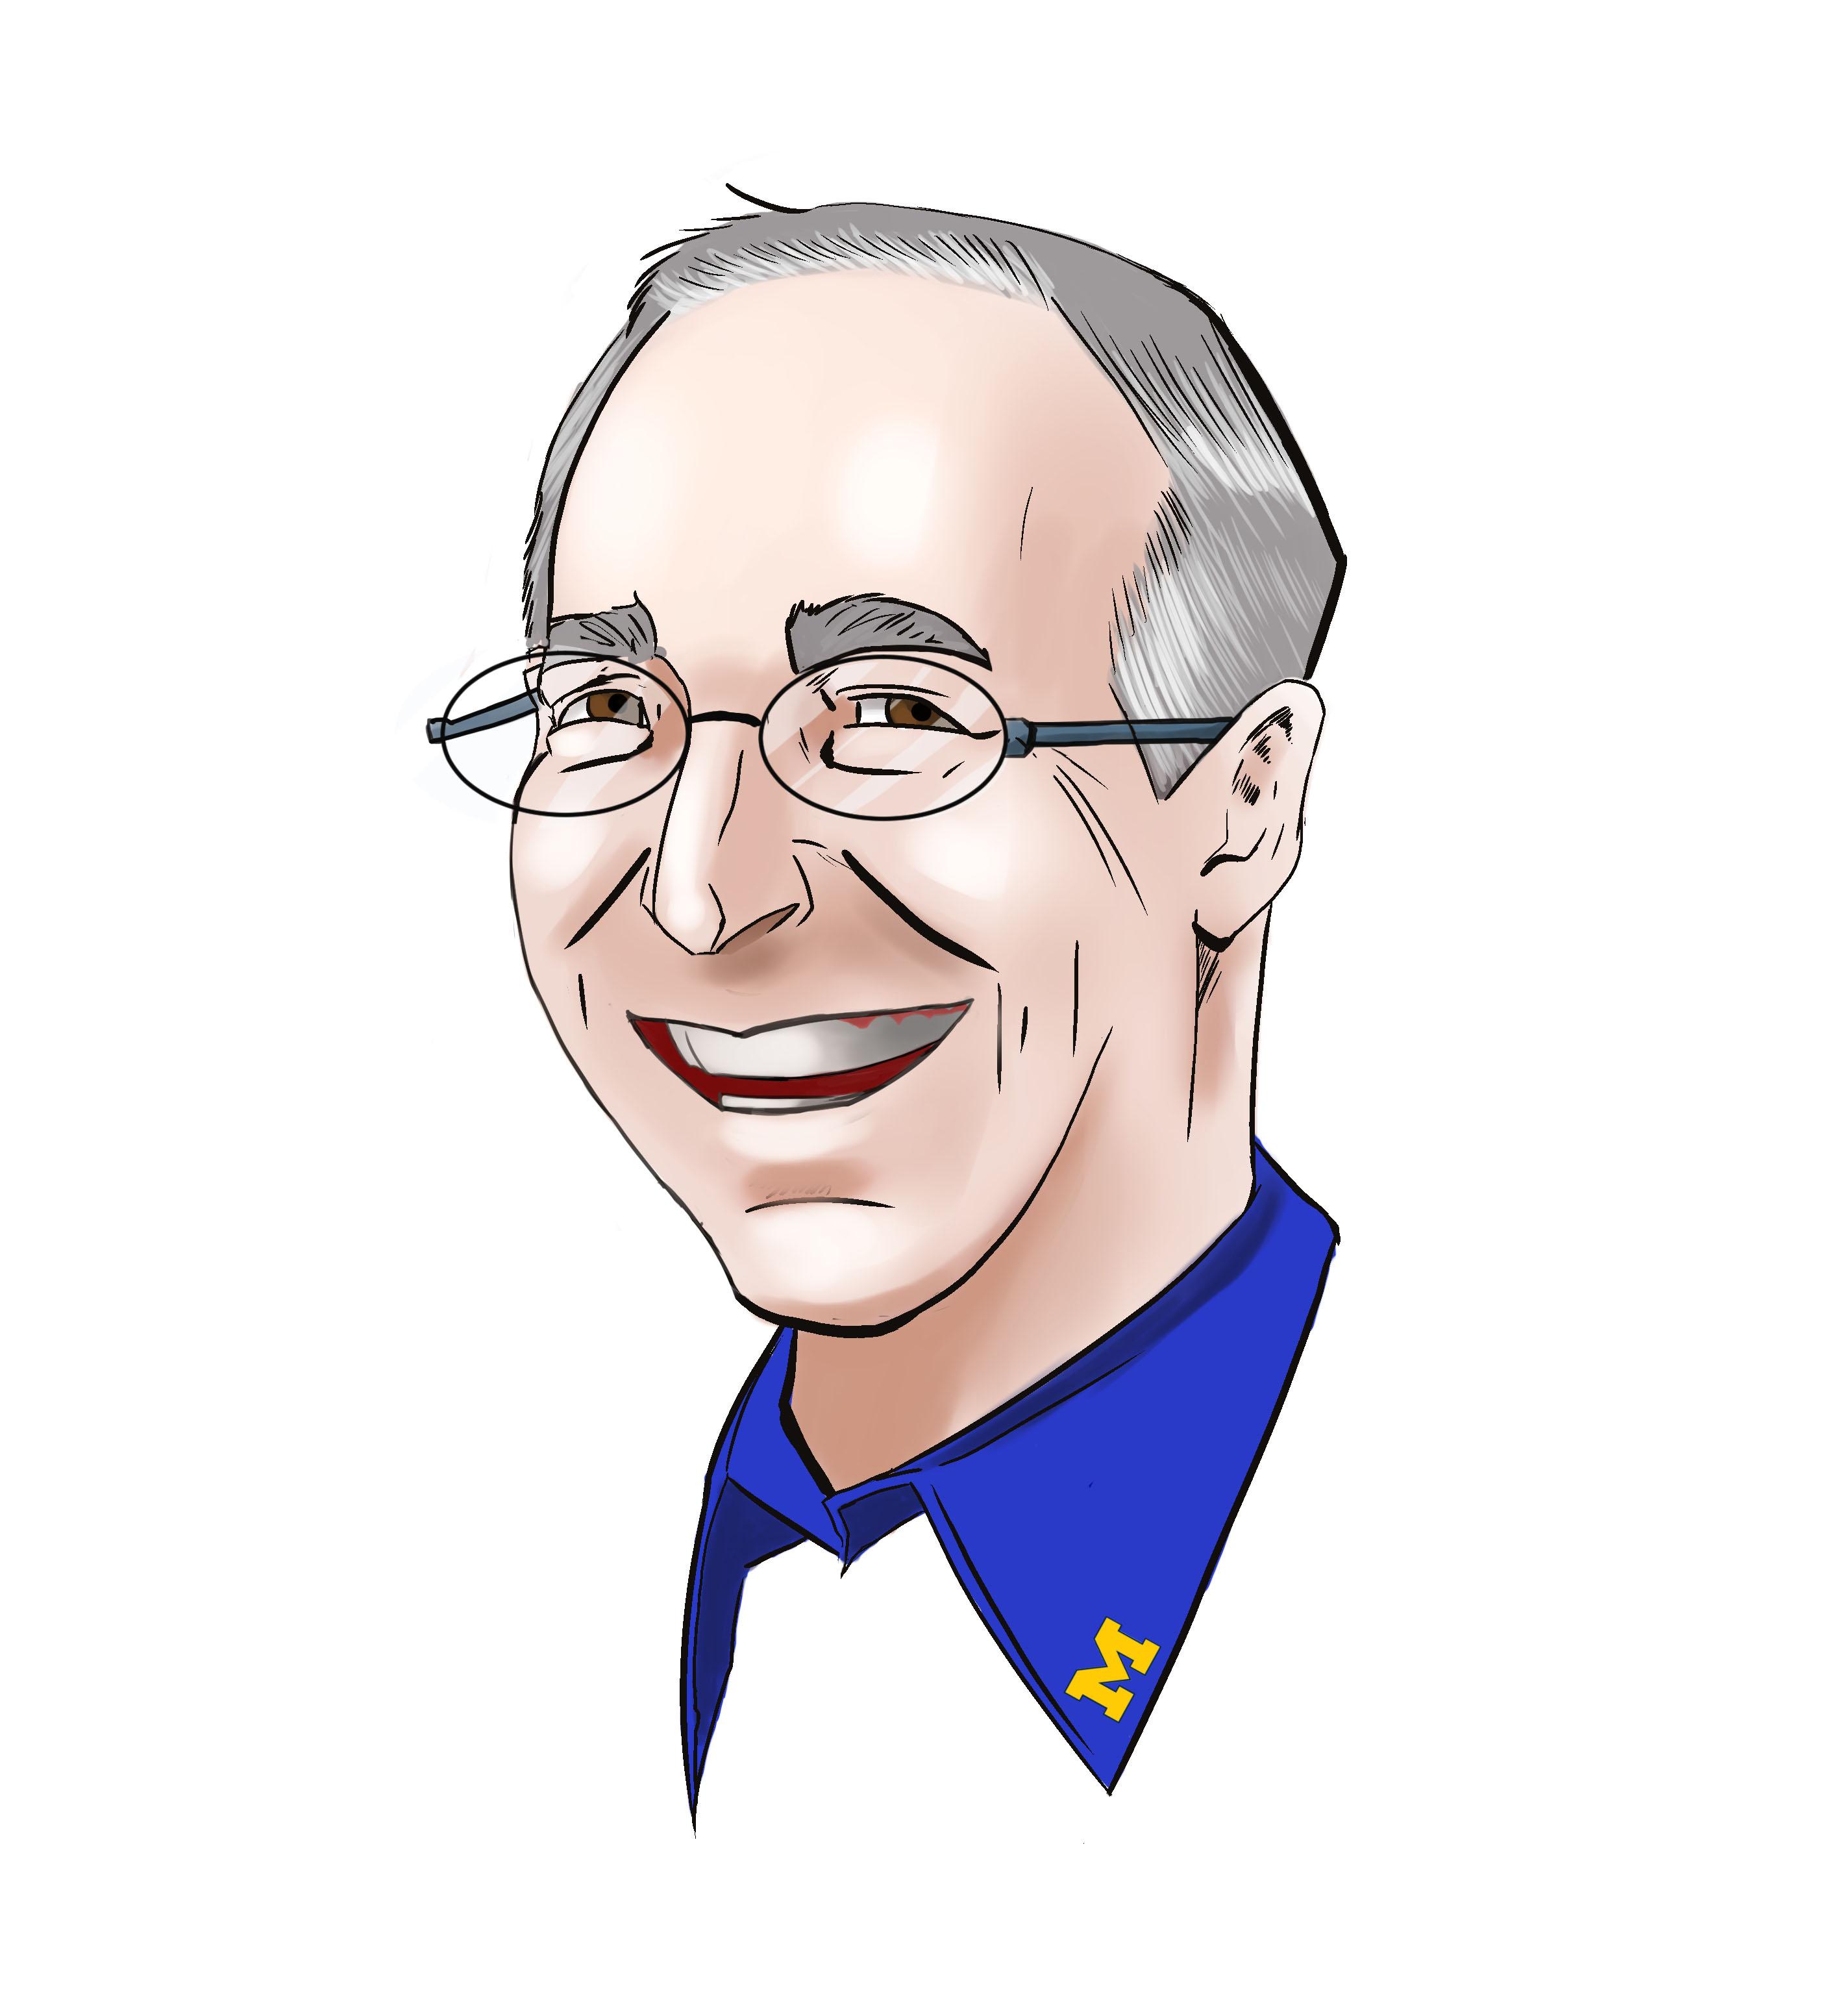 Jim avatar5 11